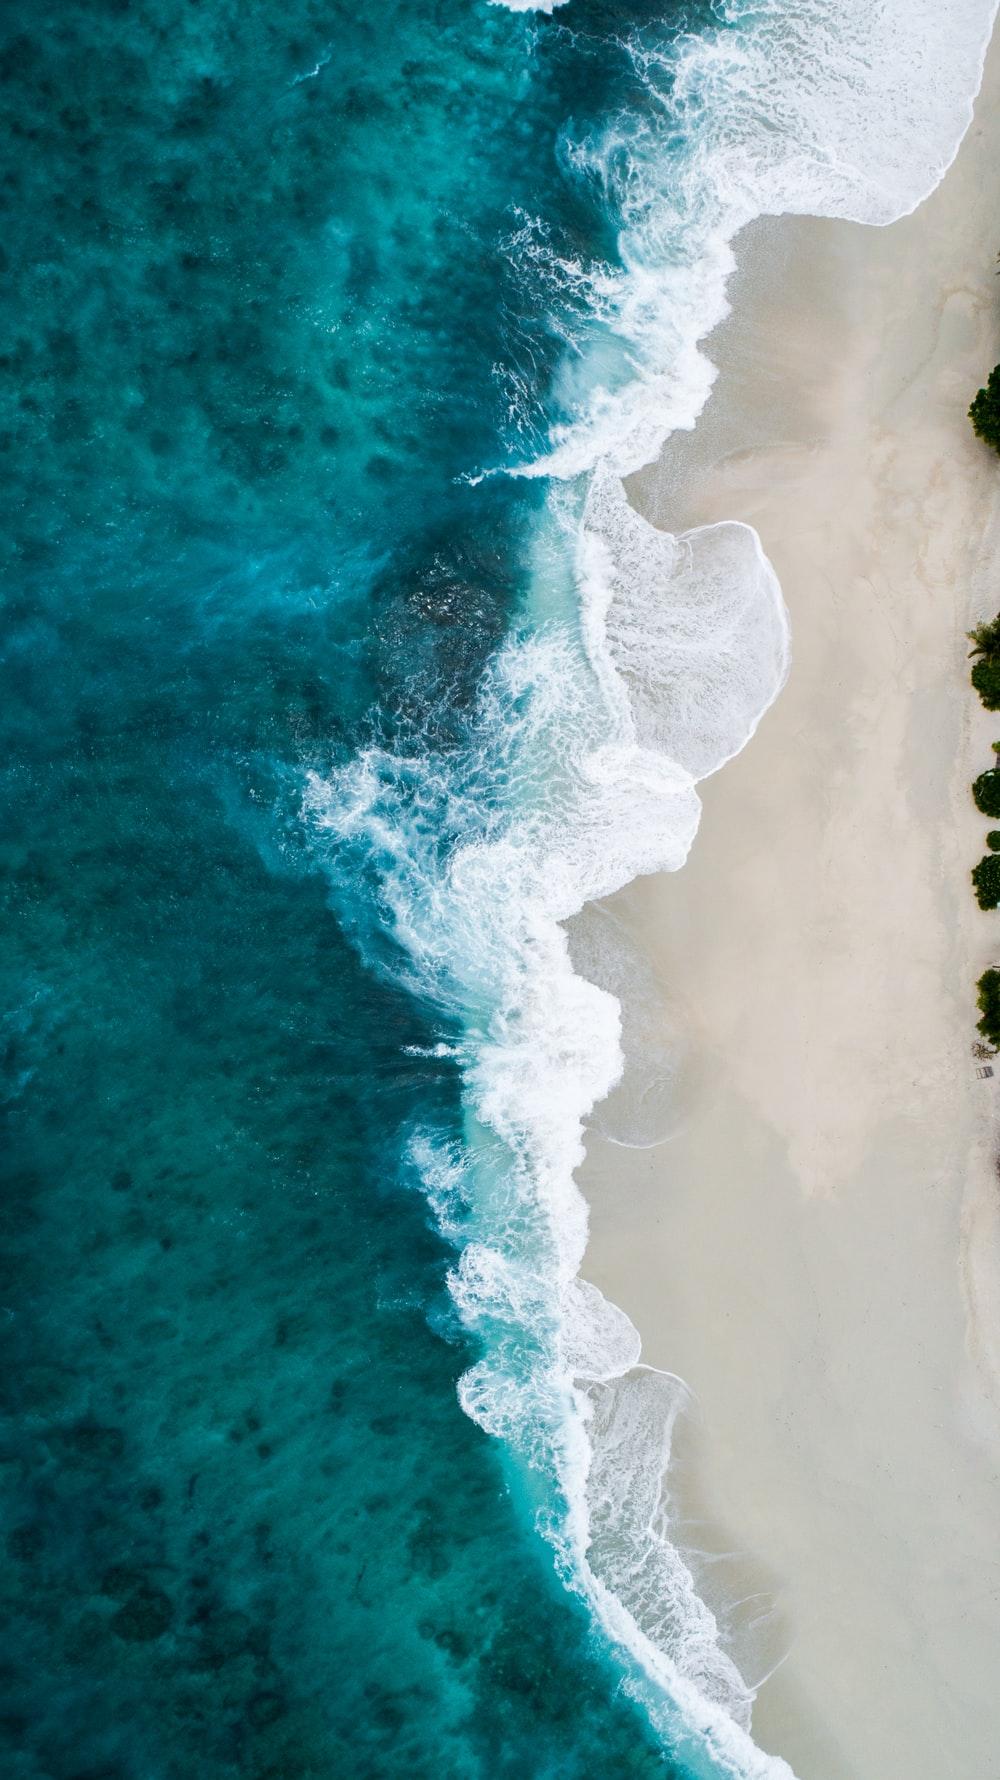 Beach Wallpapers HD Download [500 HQ] Unsplash 1000x1780